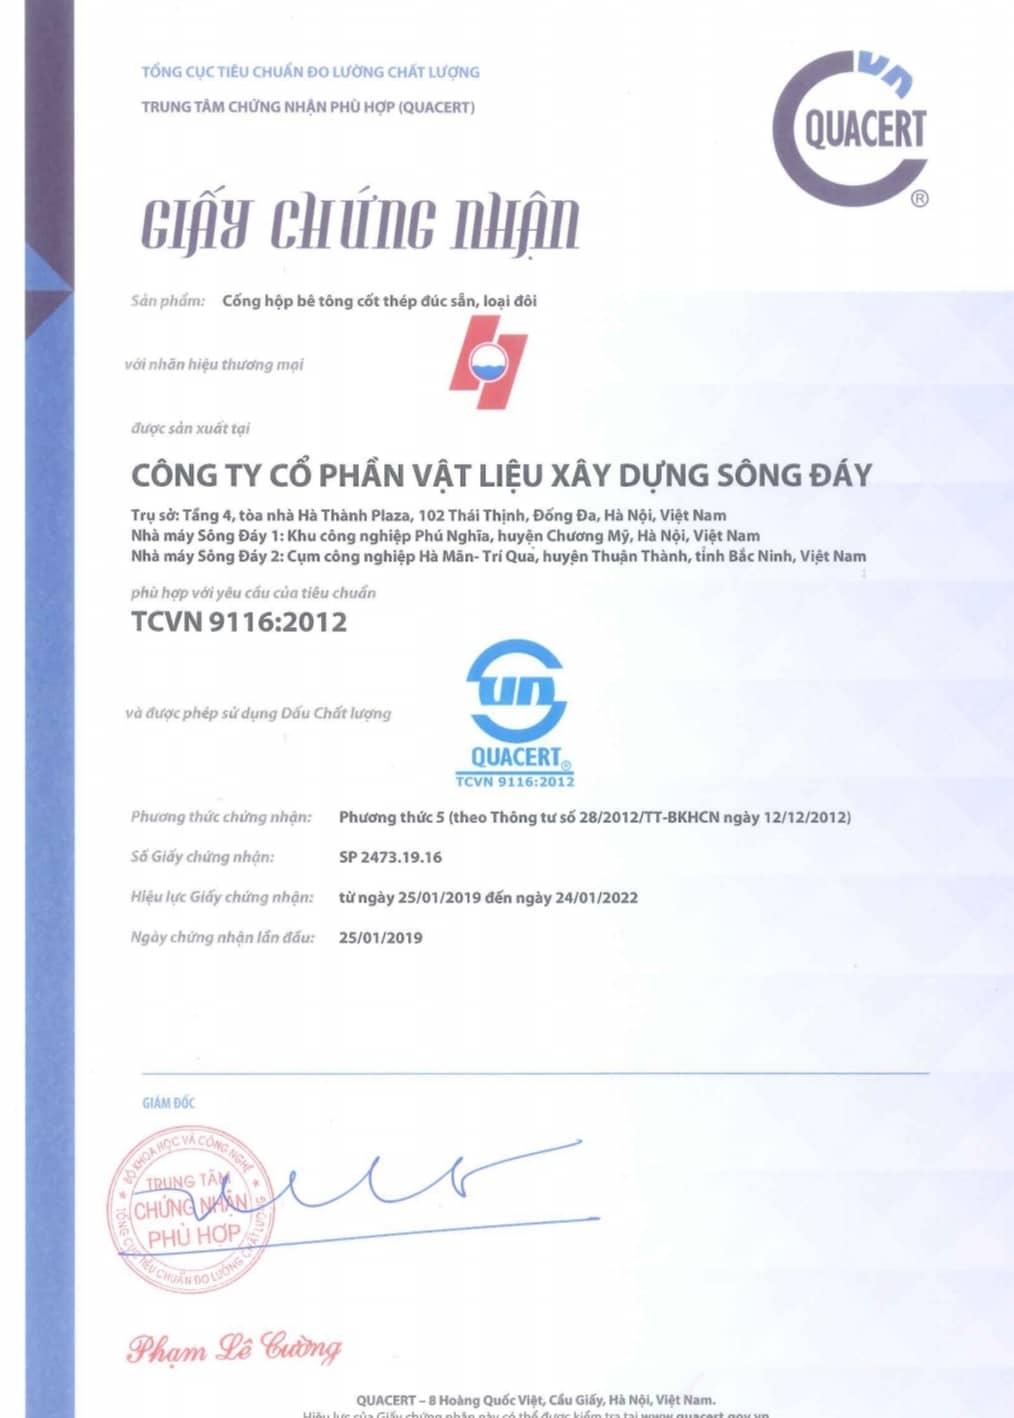 Tieu chuan cong hop doi be tong cot thep duc san Song Day